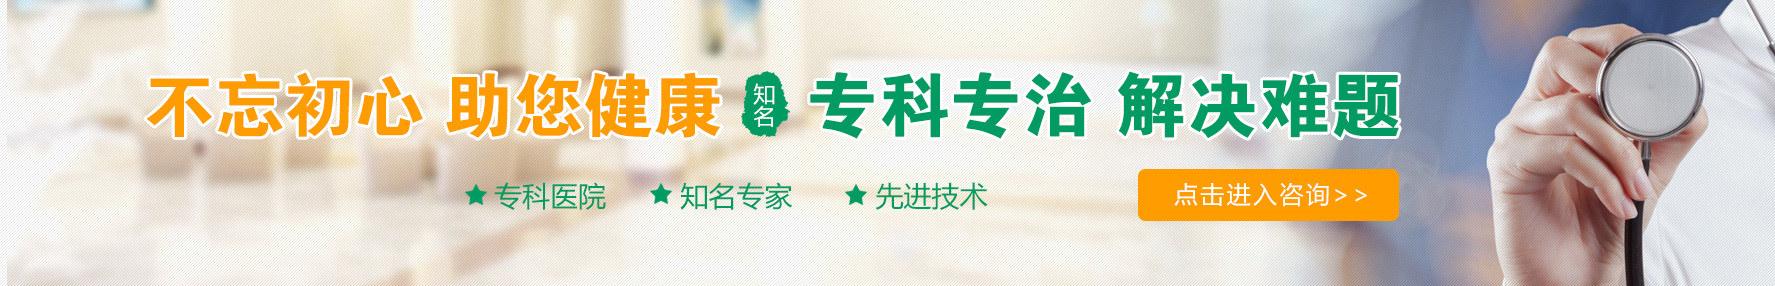 芜湖妇科医院